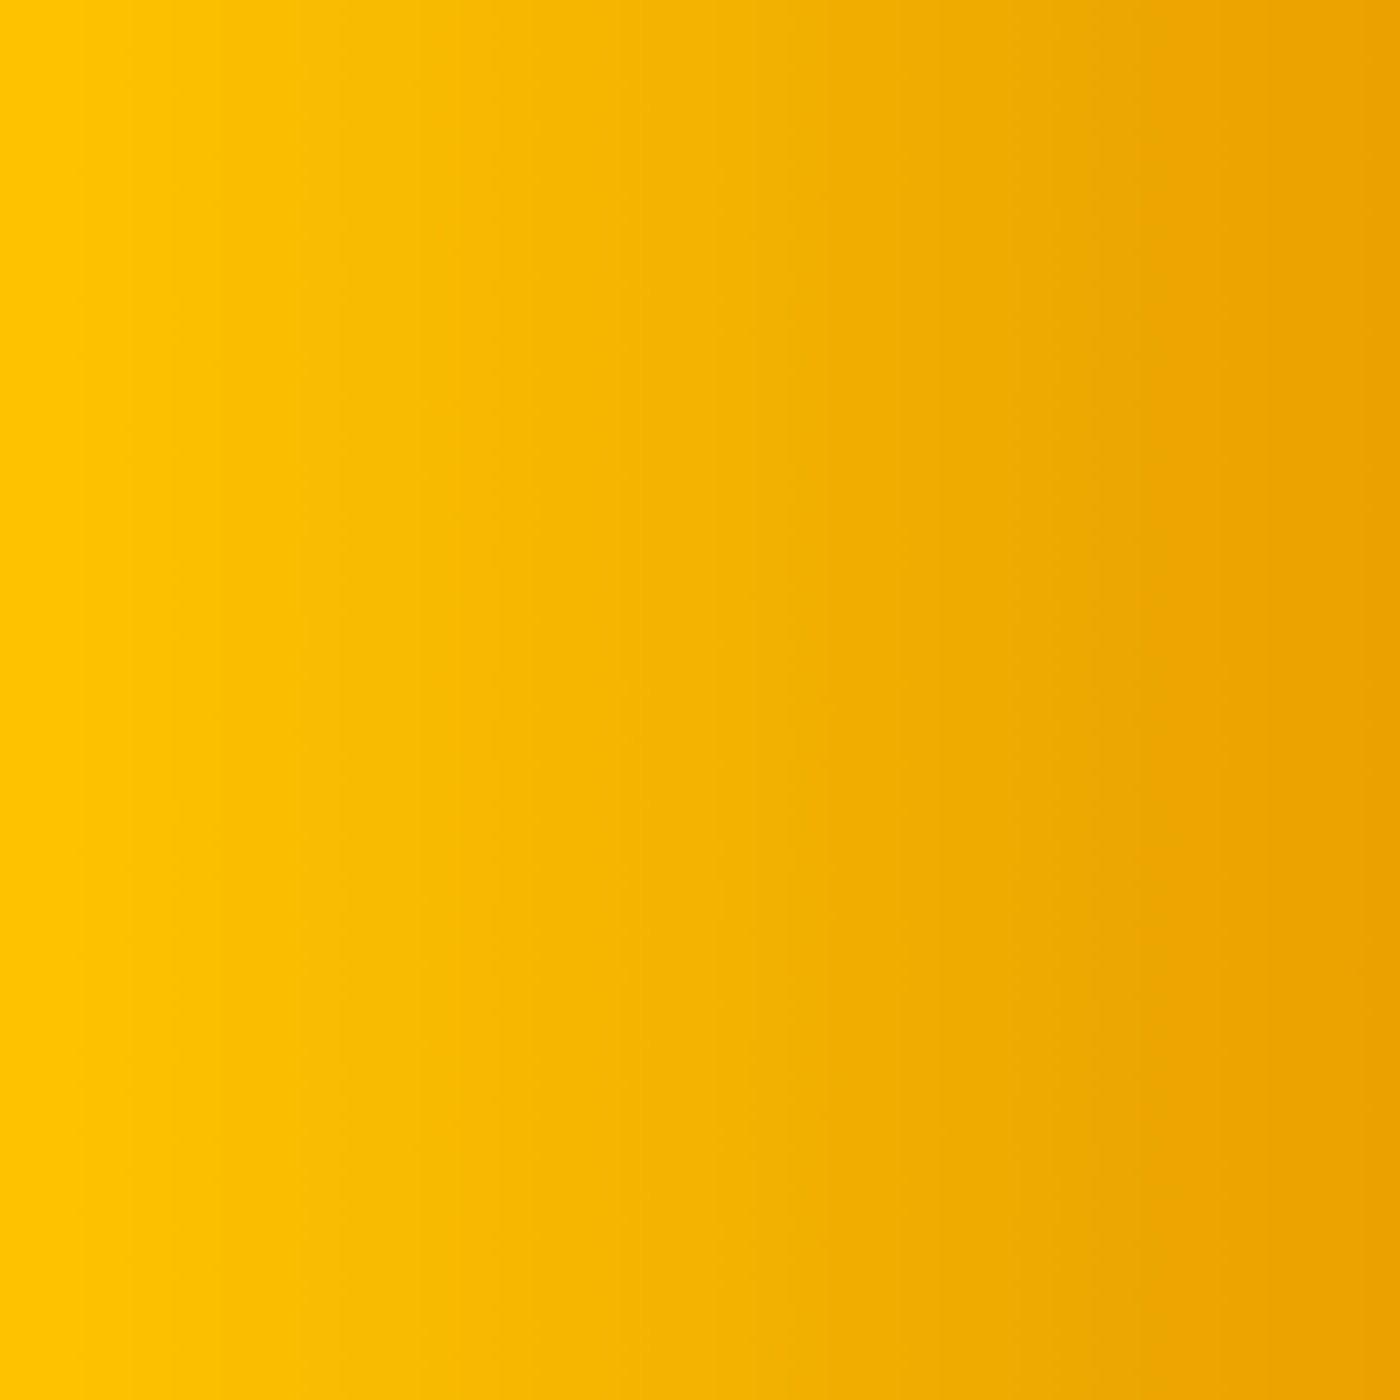 ocm-orange